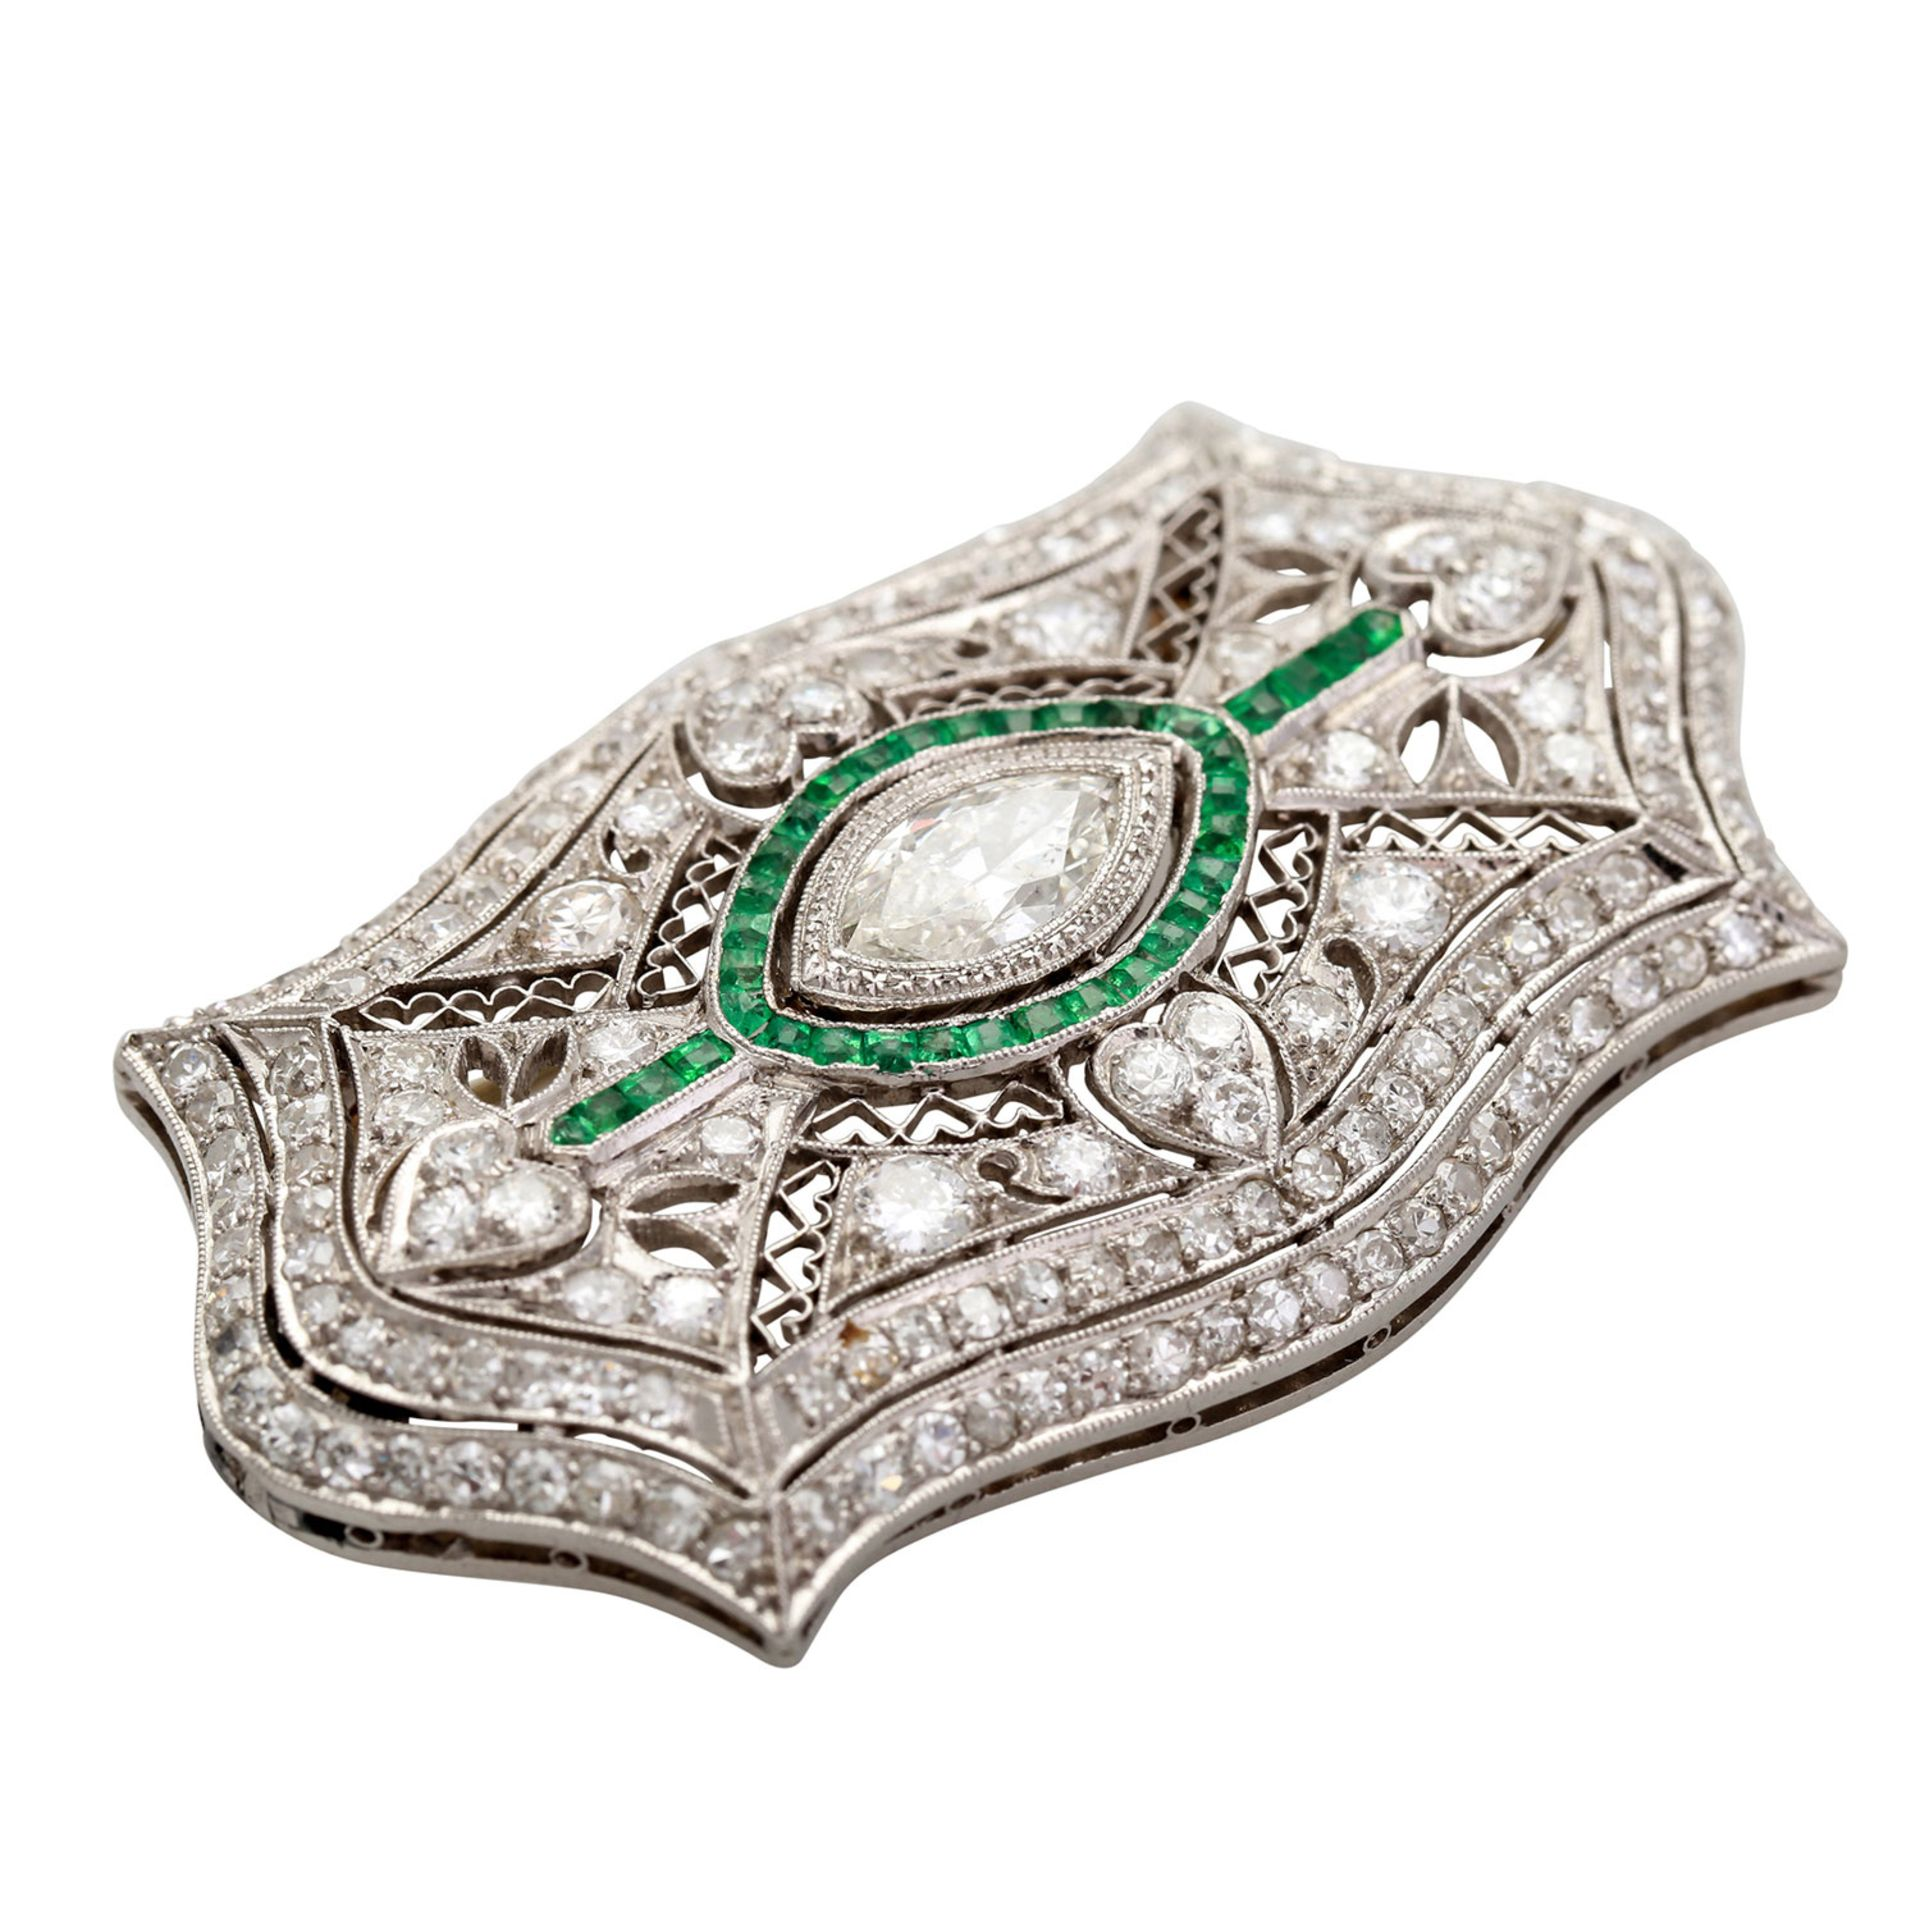 Los 69 - Belle Epoque Platinbrosche mit Diamanten von zus. ca. 2,85 ct. (Mittelstein ca. 0,75 ct.), SI -